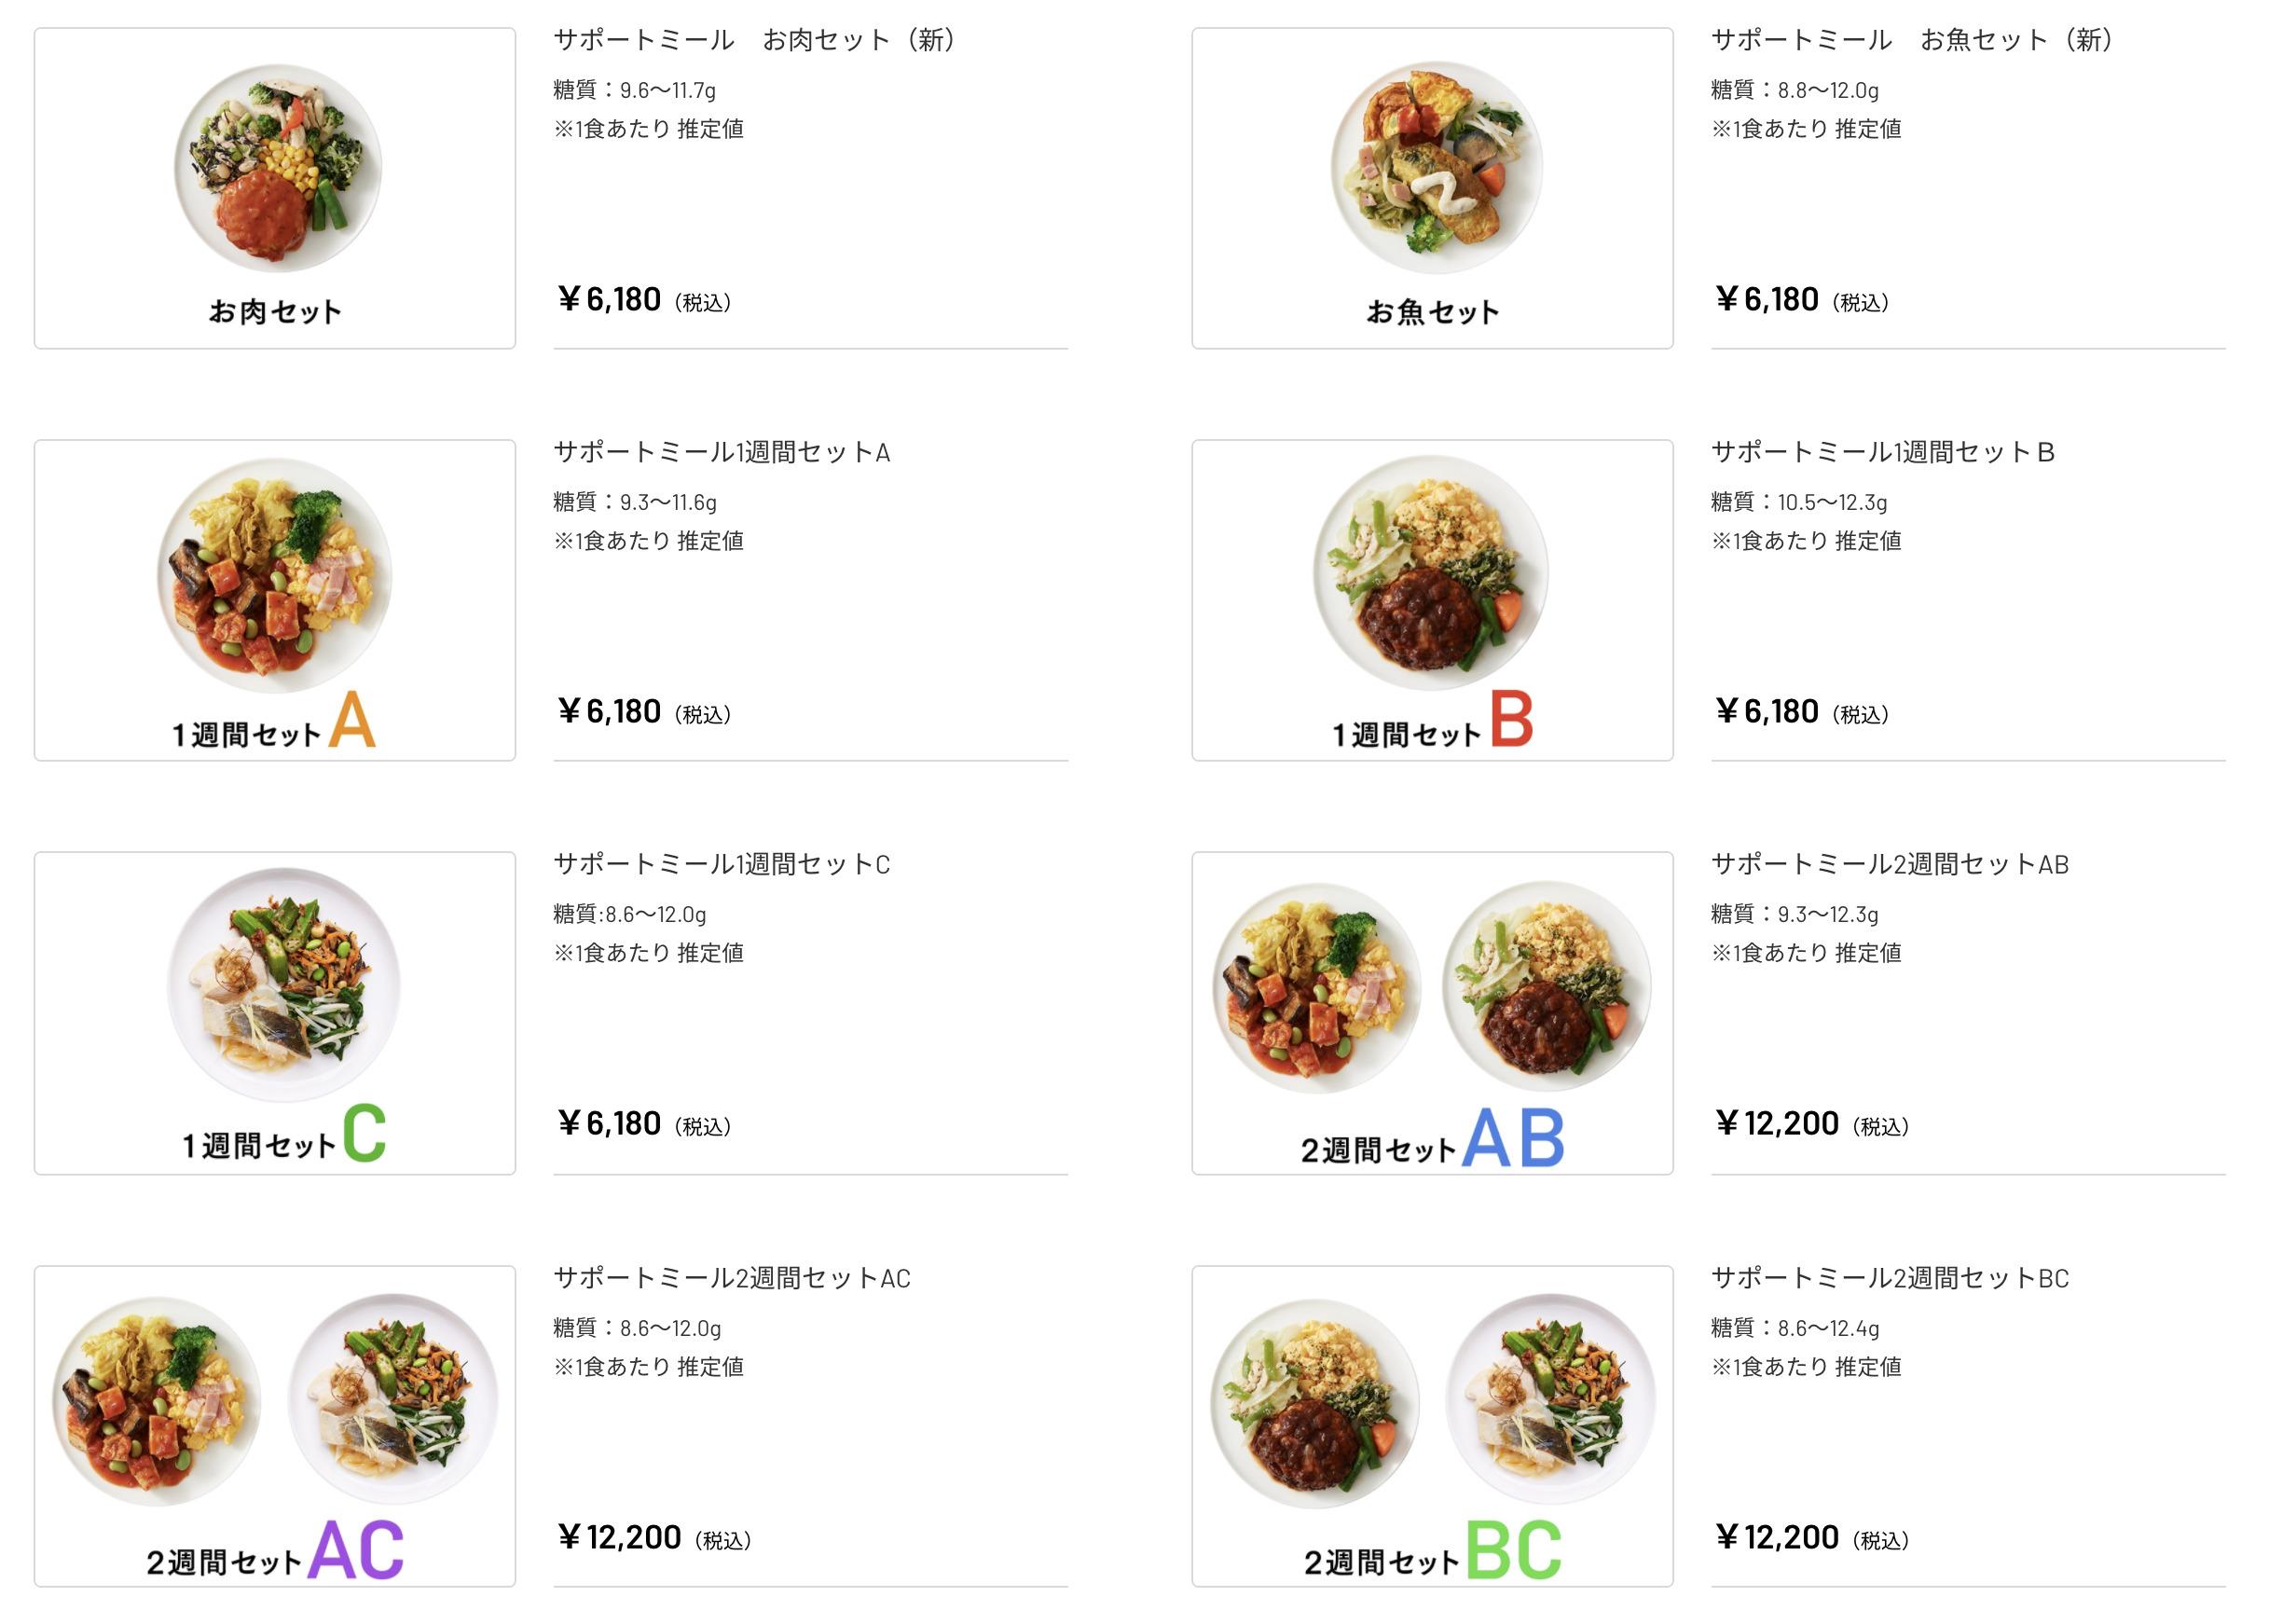 ライザップ(RIZAP)で食事制限してダイエットする際に使う宅食用ボディメイク冷凍弁当「サポートミール」(健康食品)の価格表